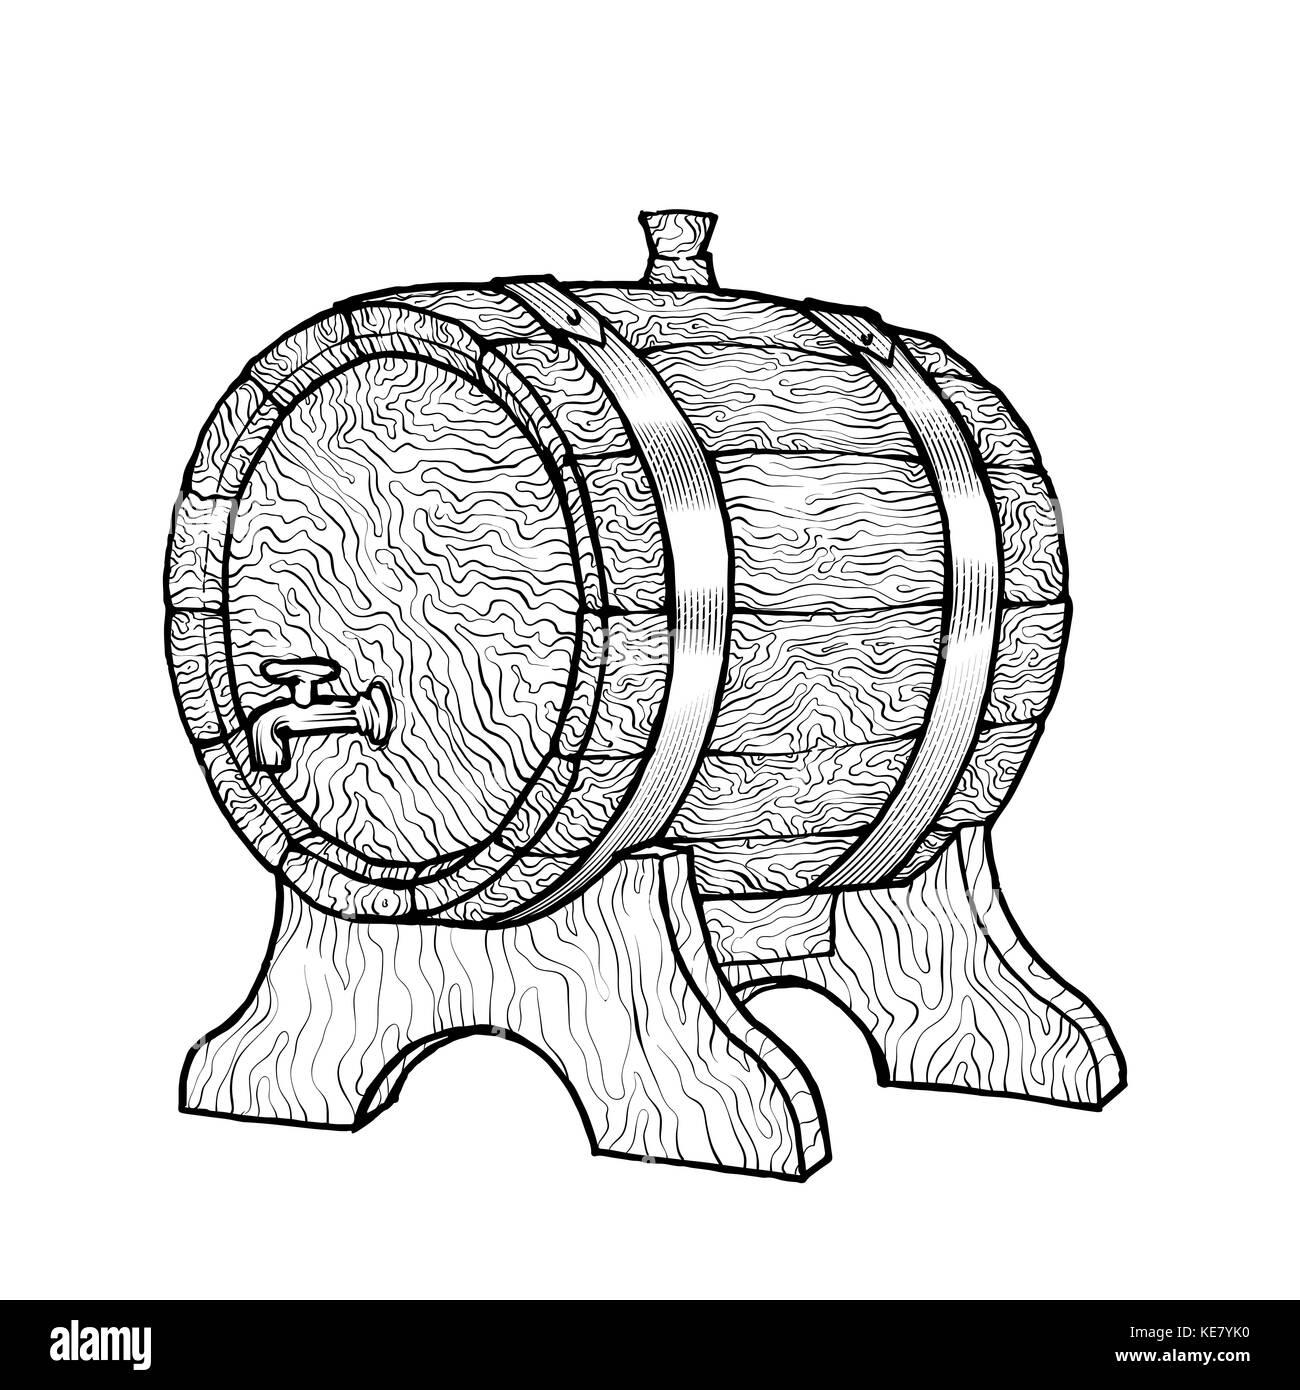 Disegno Di Un Rubinetto.Disegno Vettoriale Illustrazione Di Un Vino In Legno Canna Con Il Rubinetto In Stile Vintage Con Piedistallo Disegnati A Mano A Trama Logo Kilderkin Immagine E Vettoriale Alamy